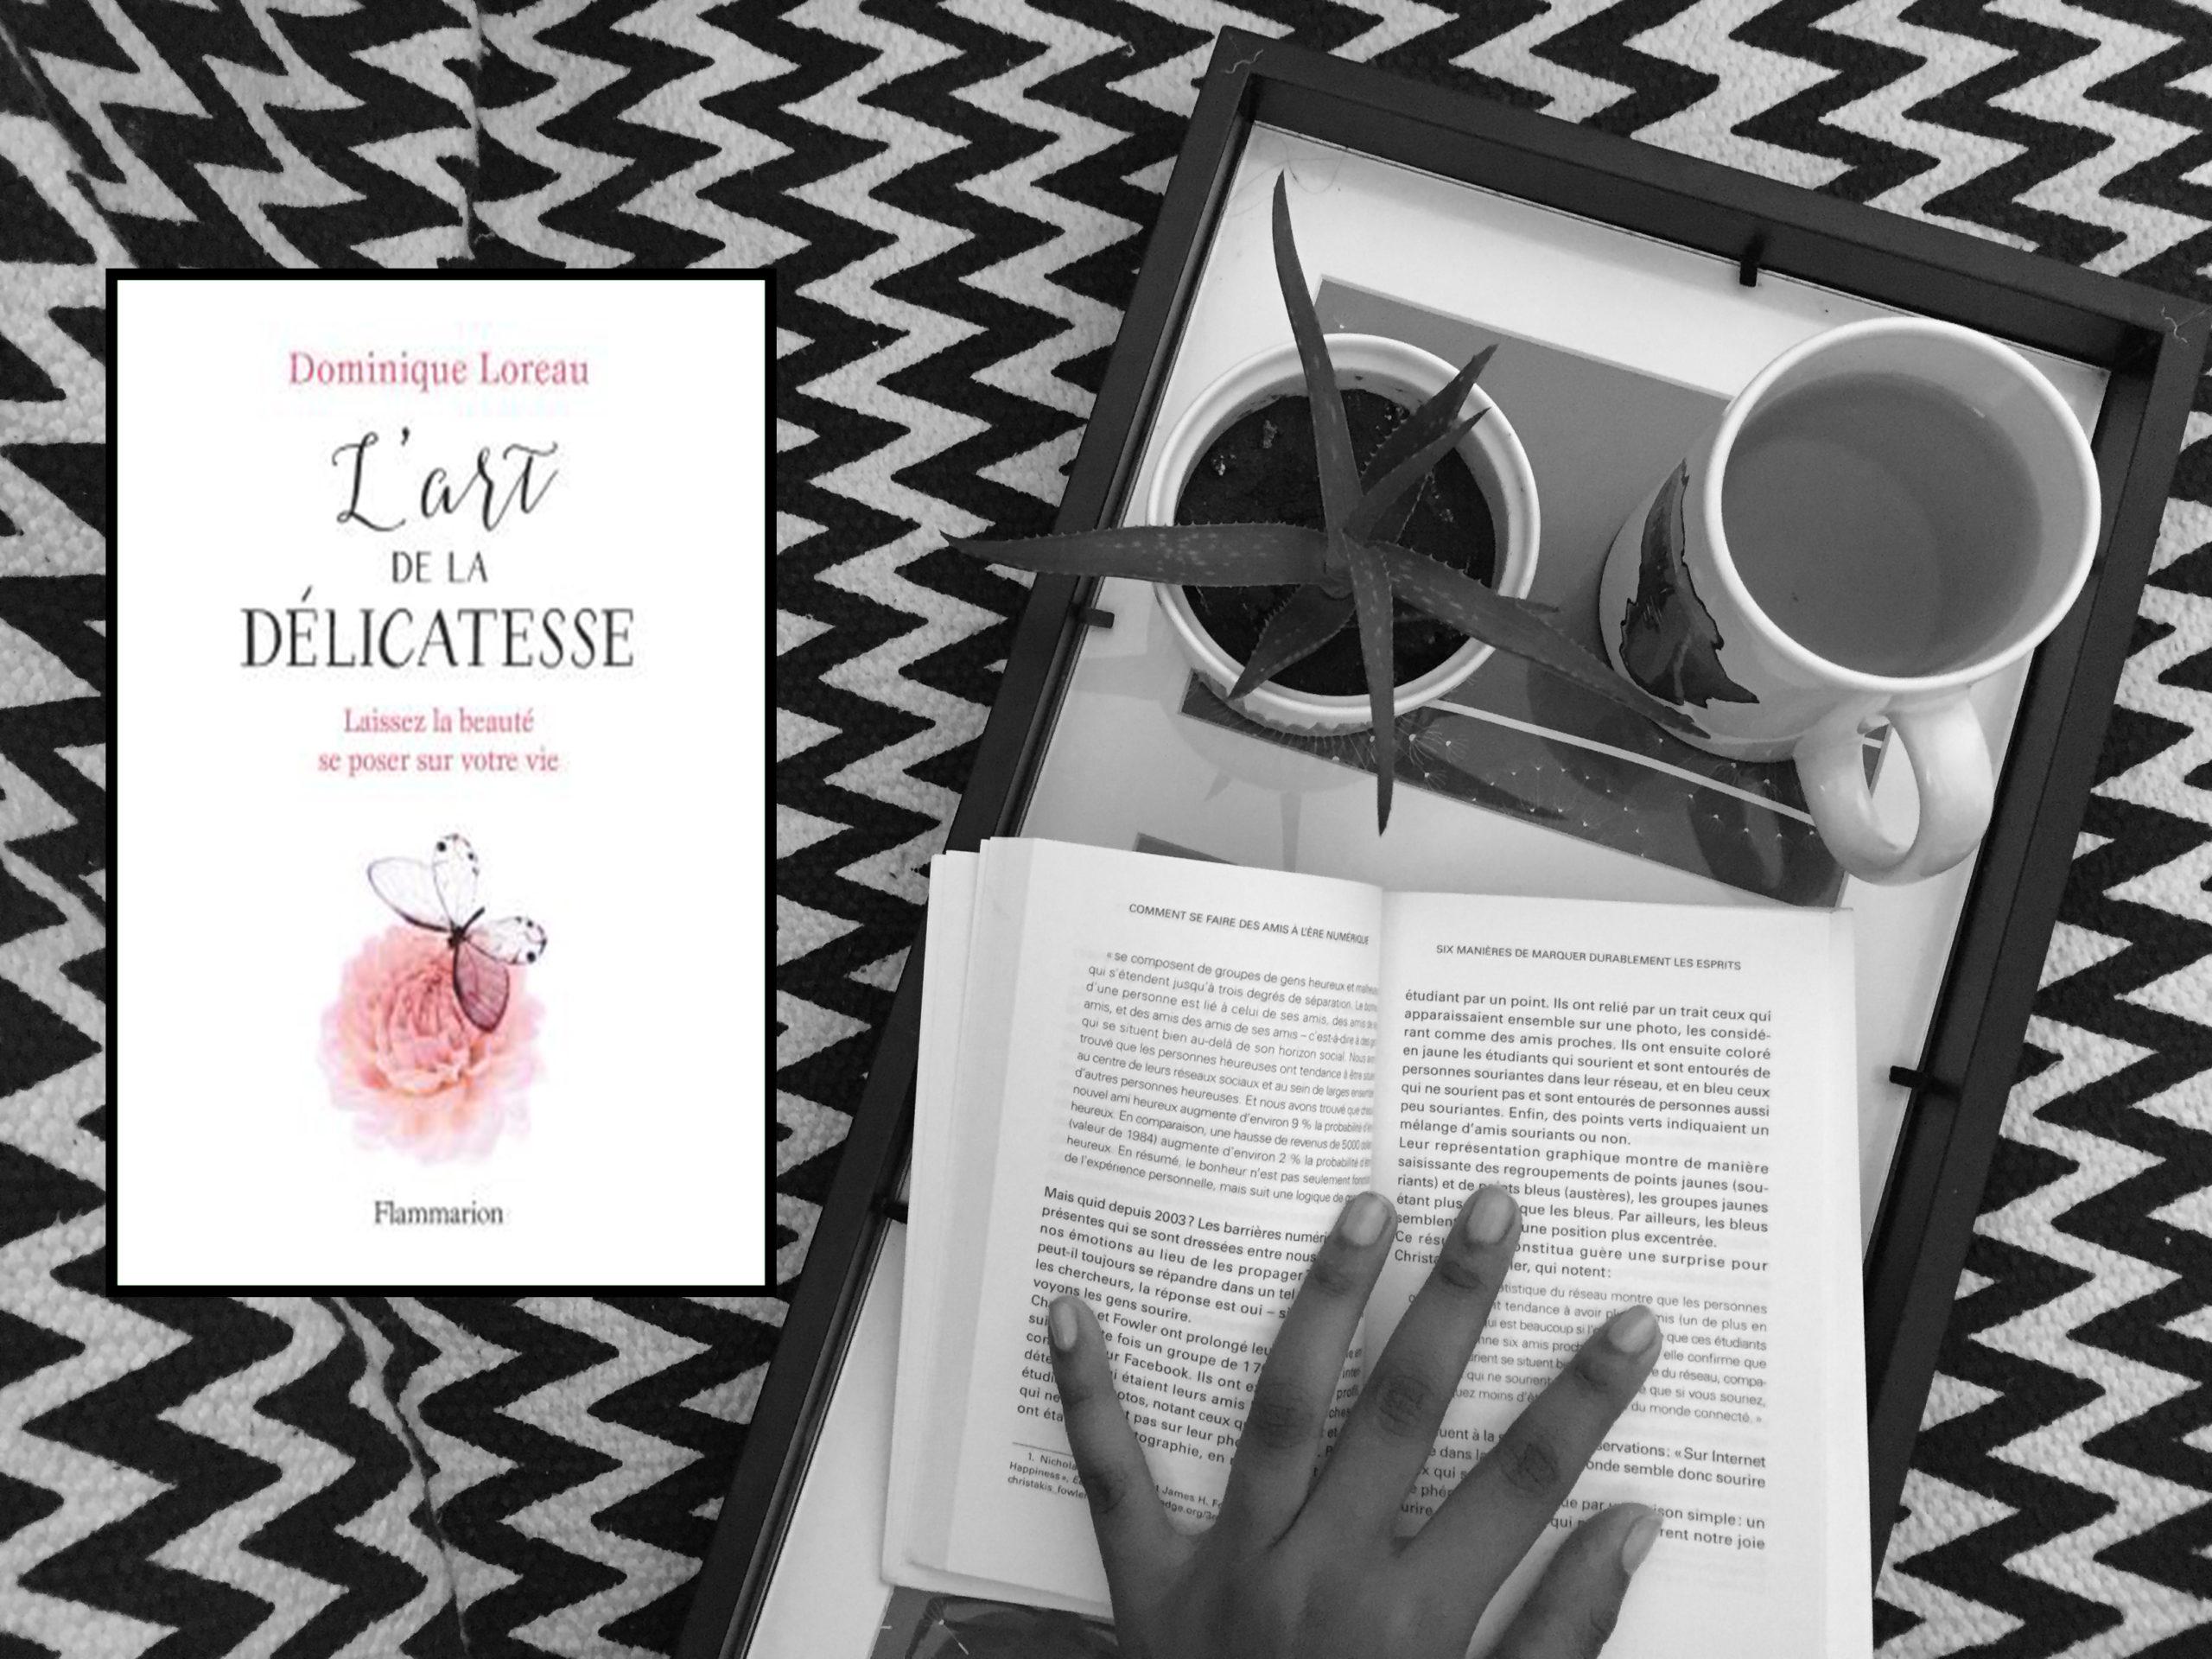 Un espace de vie ordonné pour un esprit clairoù pourquoi lire les livres de Dominique Loreau